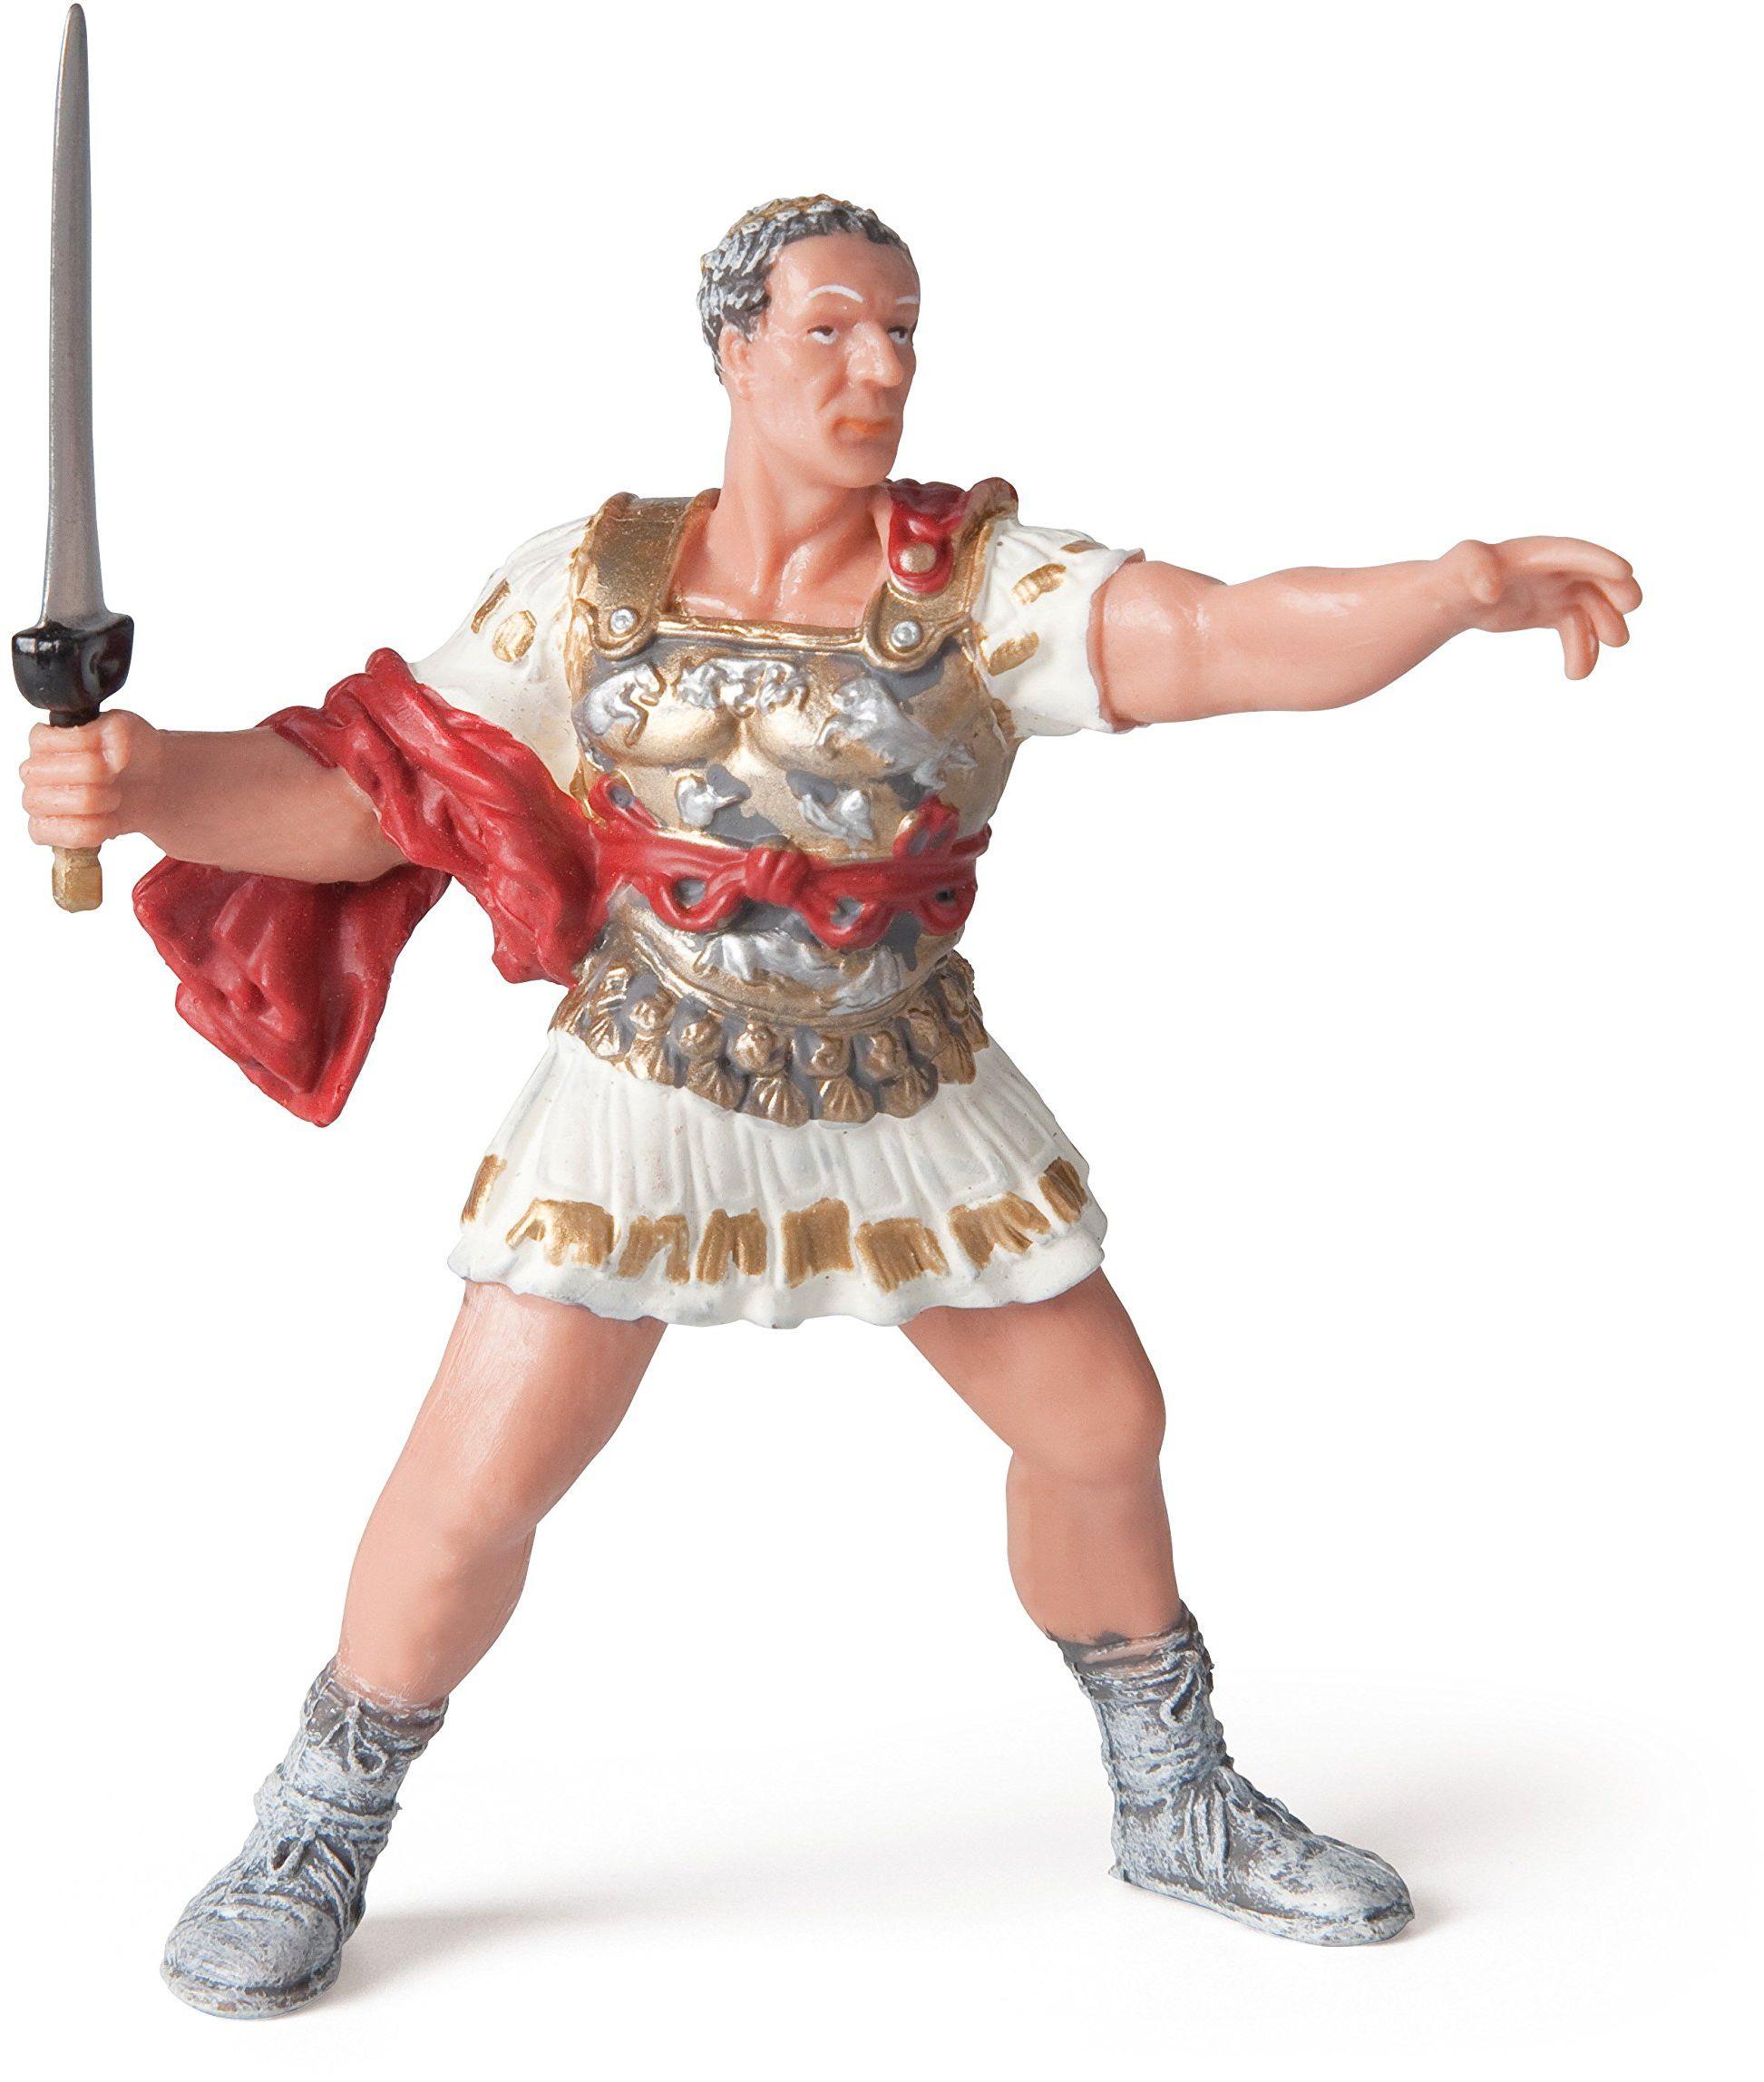 Papo 39804 Caesar historyczne figurki, wielokolorowe